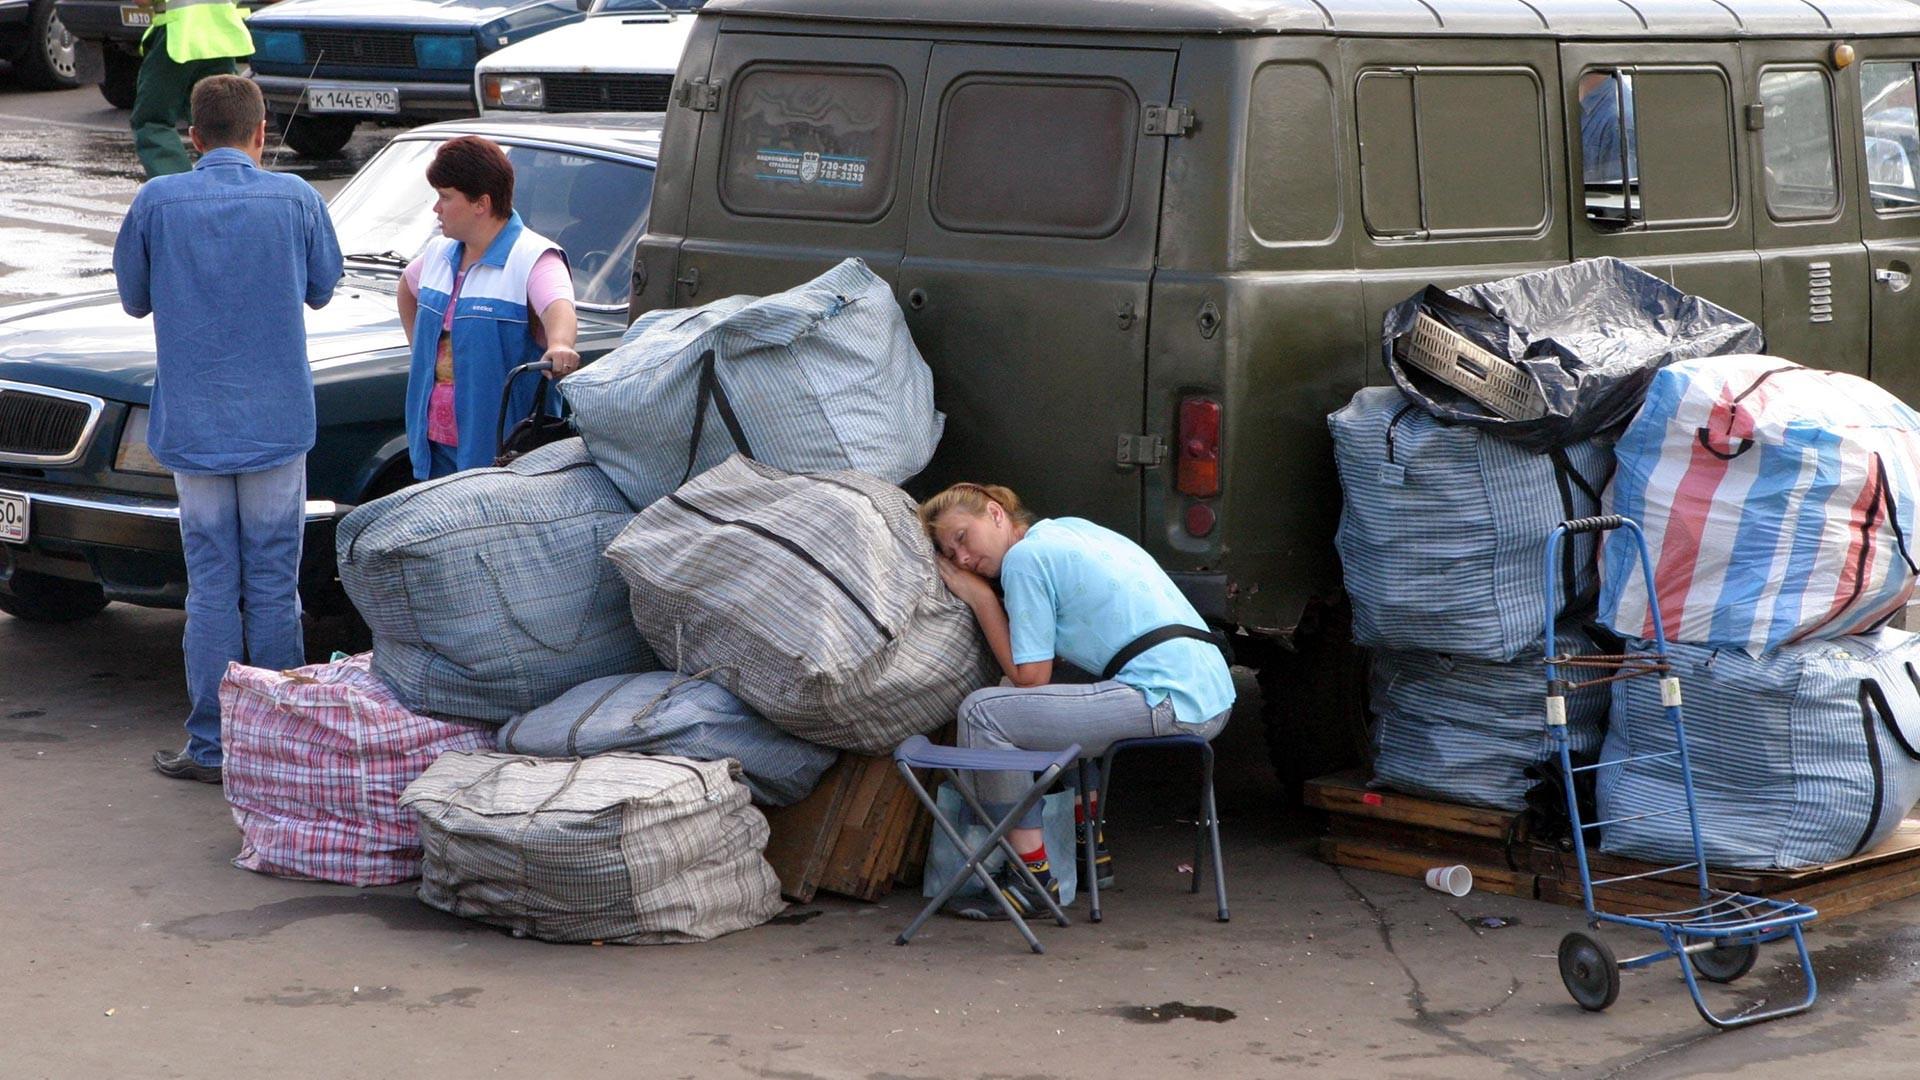 Люди с багажом на Комсомольской площади в Москве. Начало 2000-х.